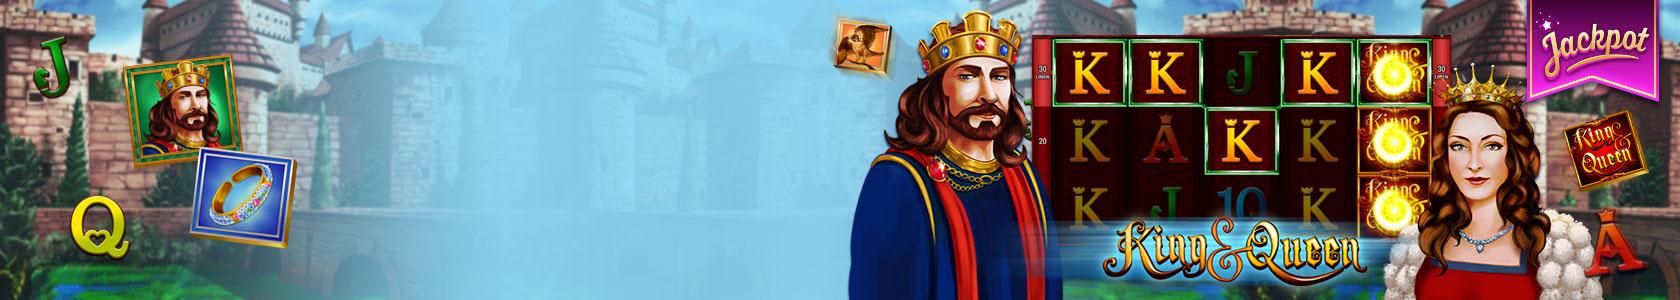 Www King Com De Spiele Spielen